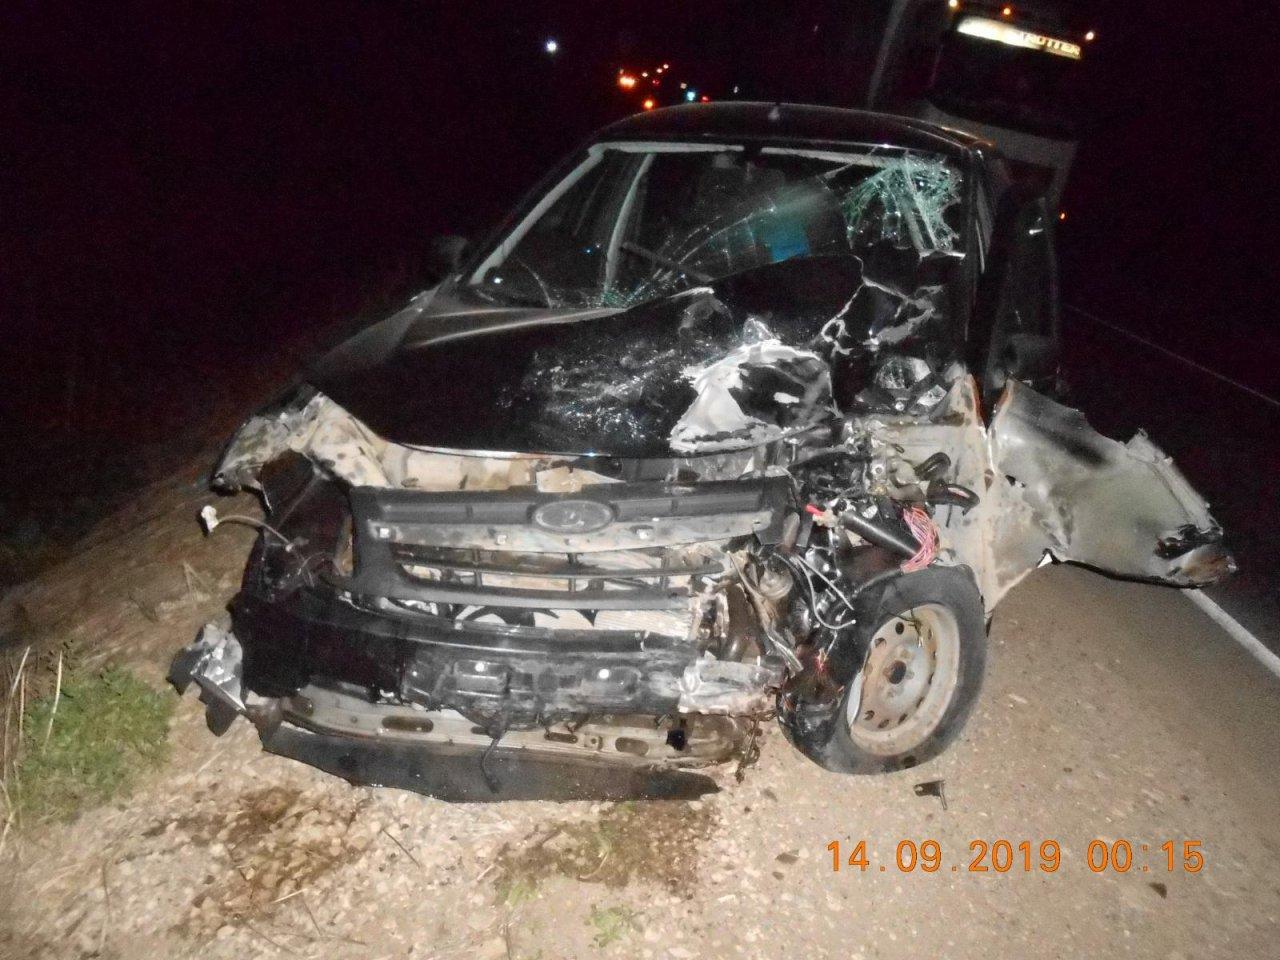 Из-за выбежавшего на трассу кабана столкнулись легковушки: есть пострадавшие